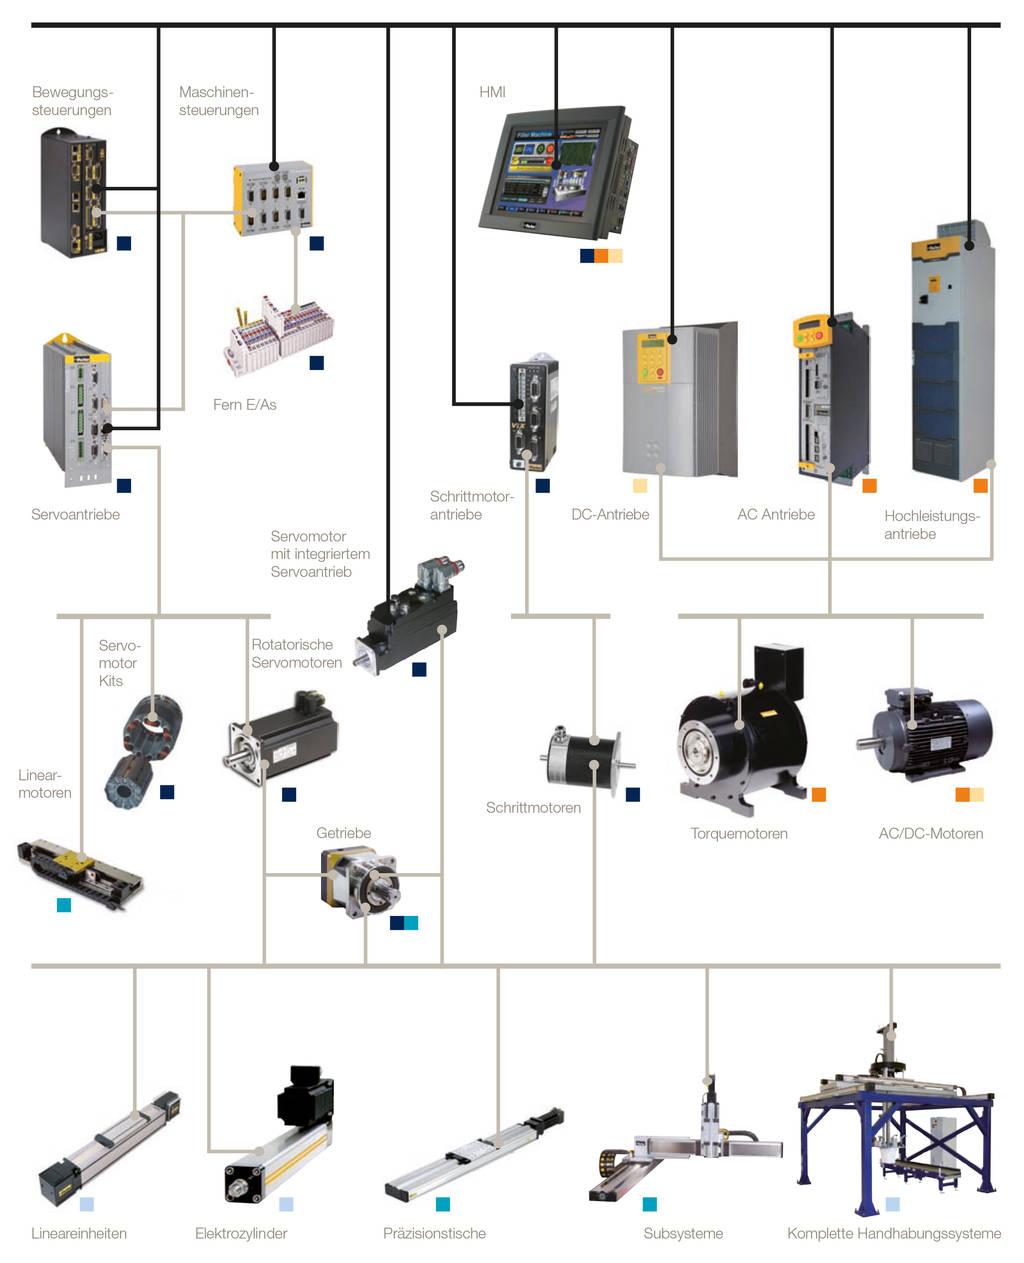 Servoantriebe Automatisierungstechnik Wir Und Parker Hannifin Electromechanical Automation Faq Site Servo Motors Lesen Sie Auch Die Interessanten Produktvorstellungen Http Blogparker Com Applikationsberichte